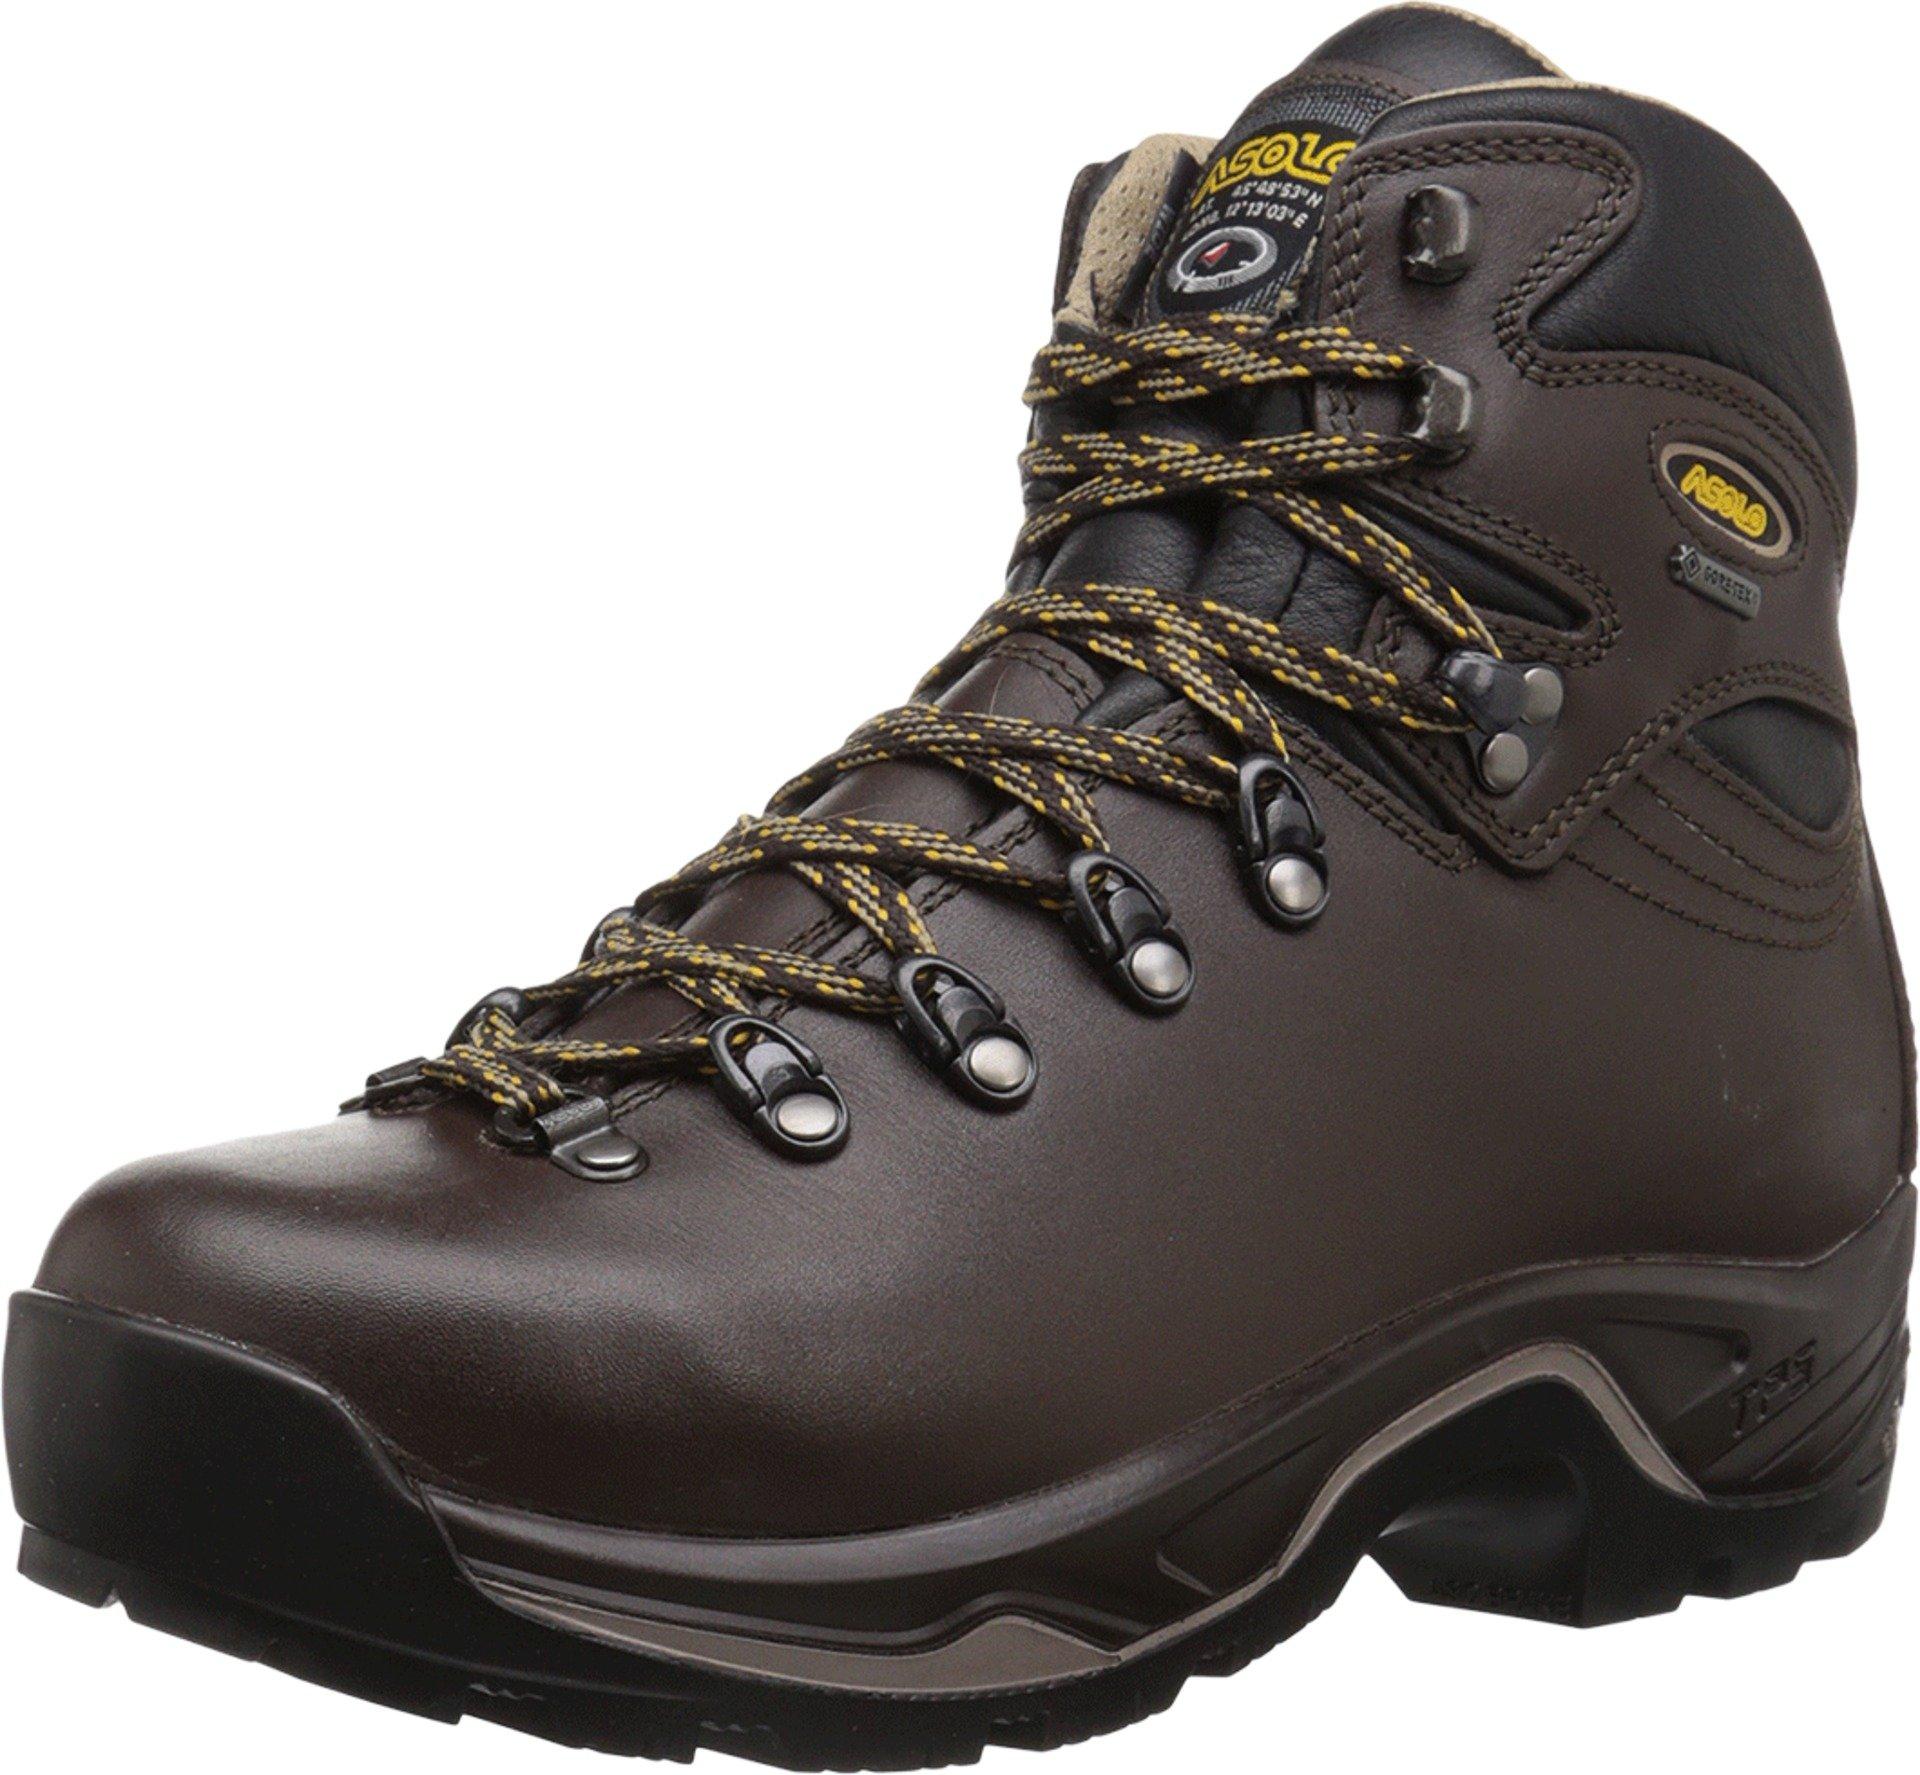 Asolo Men's TPS 520 GV EVO Chestnut Boot 8.5 E - Wide